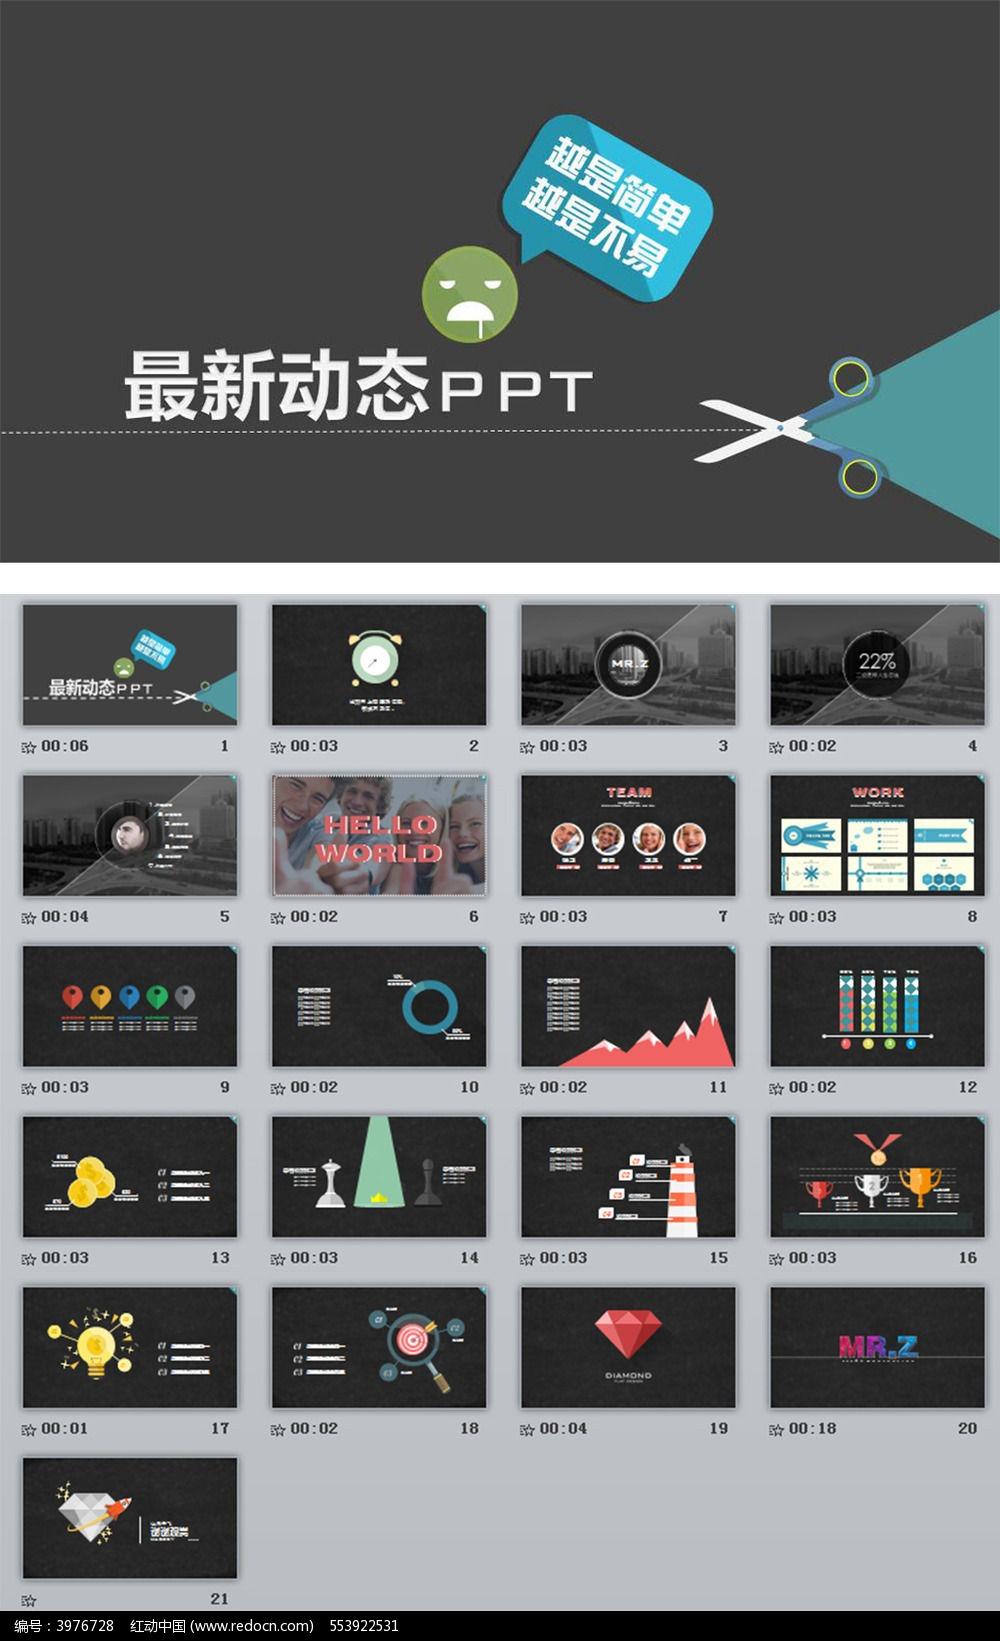 框架完整的工作计划动态ppt模板